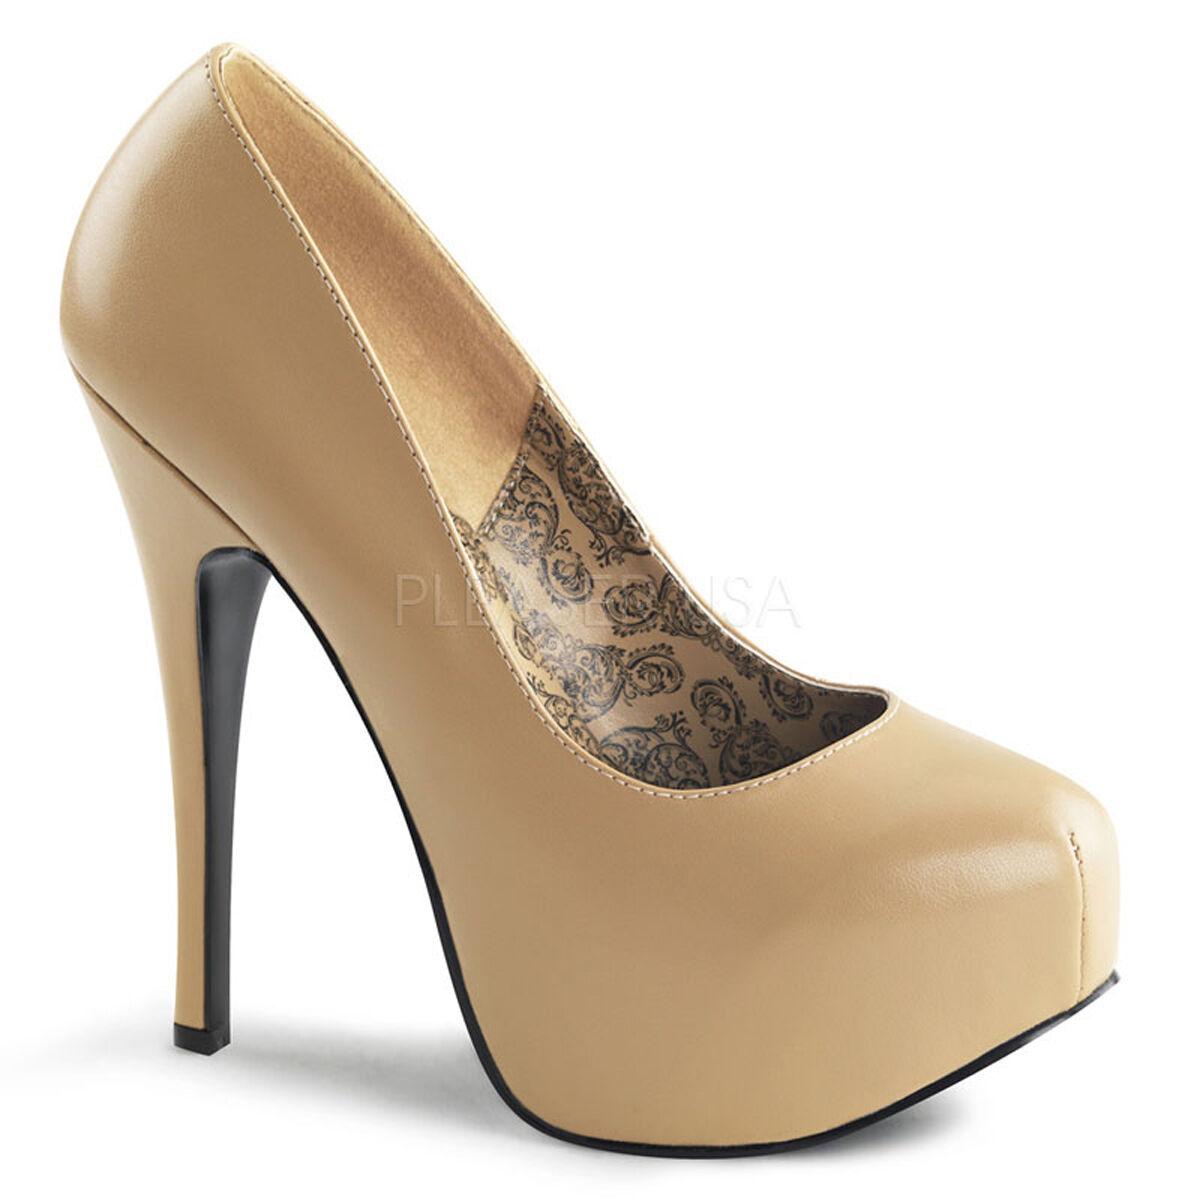 PLEASER Sexy Hidden Platform 5 3 4  High Heels Casual Pumps schuhe TEE06 TPU